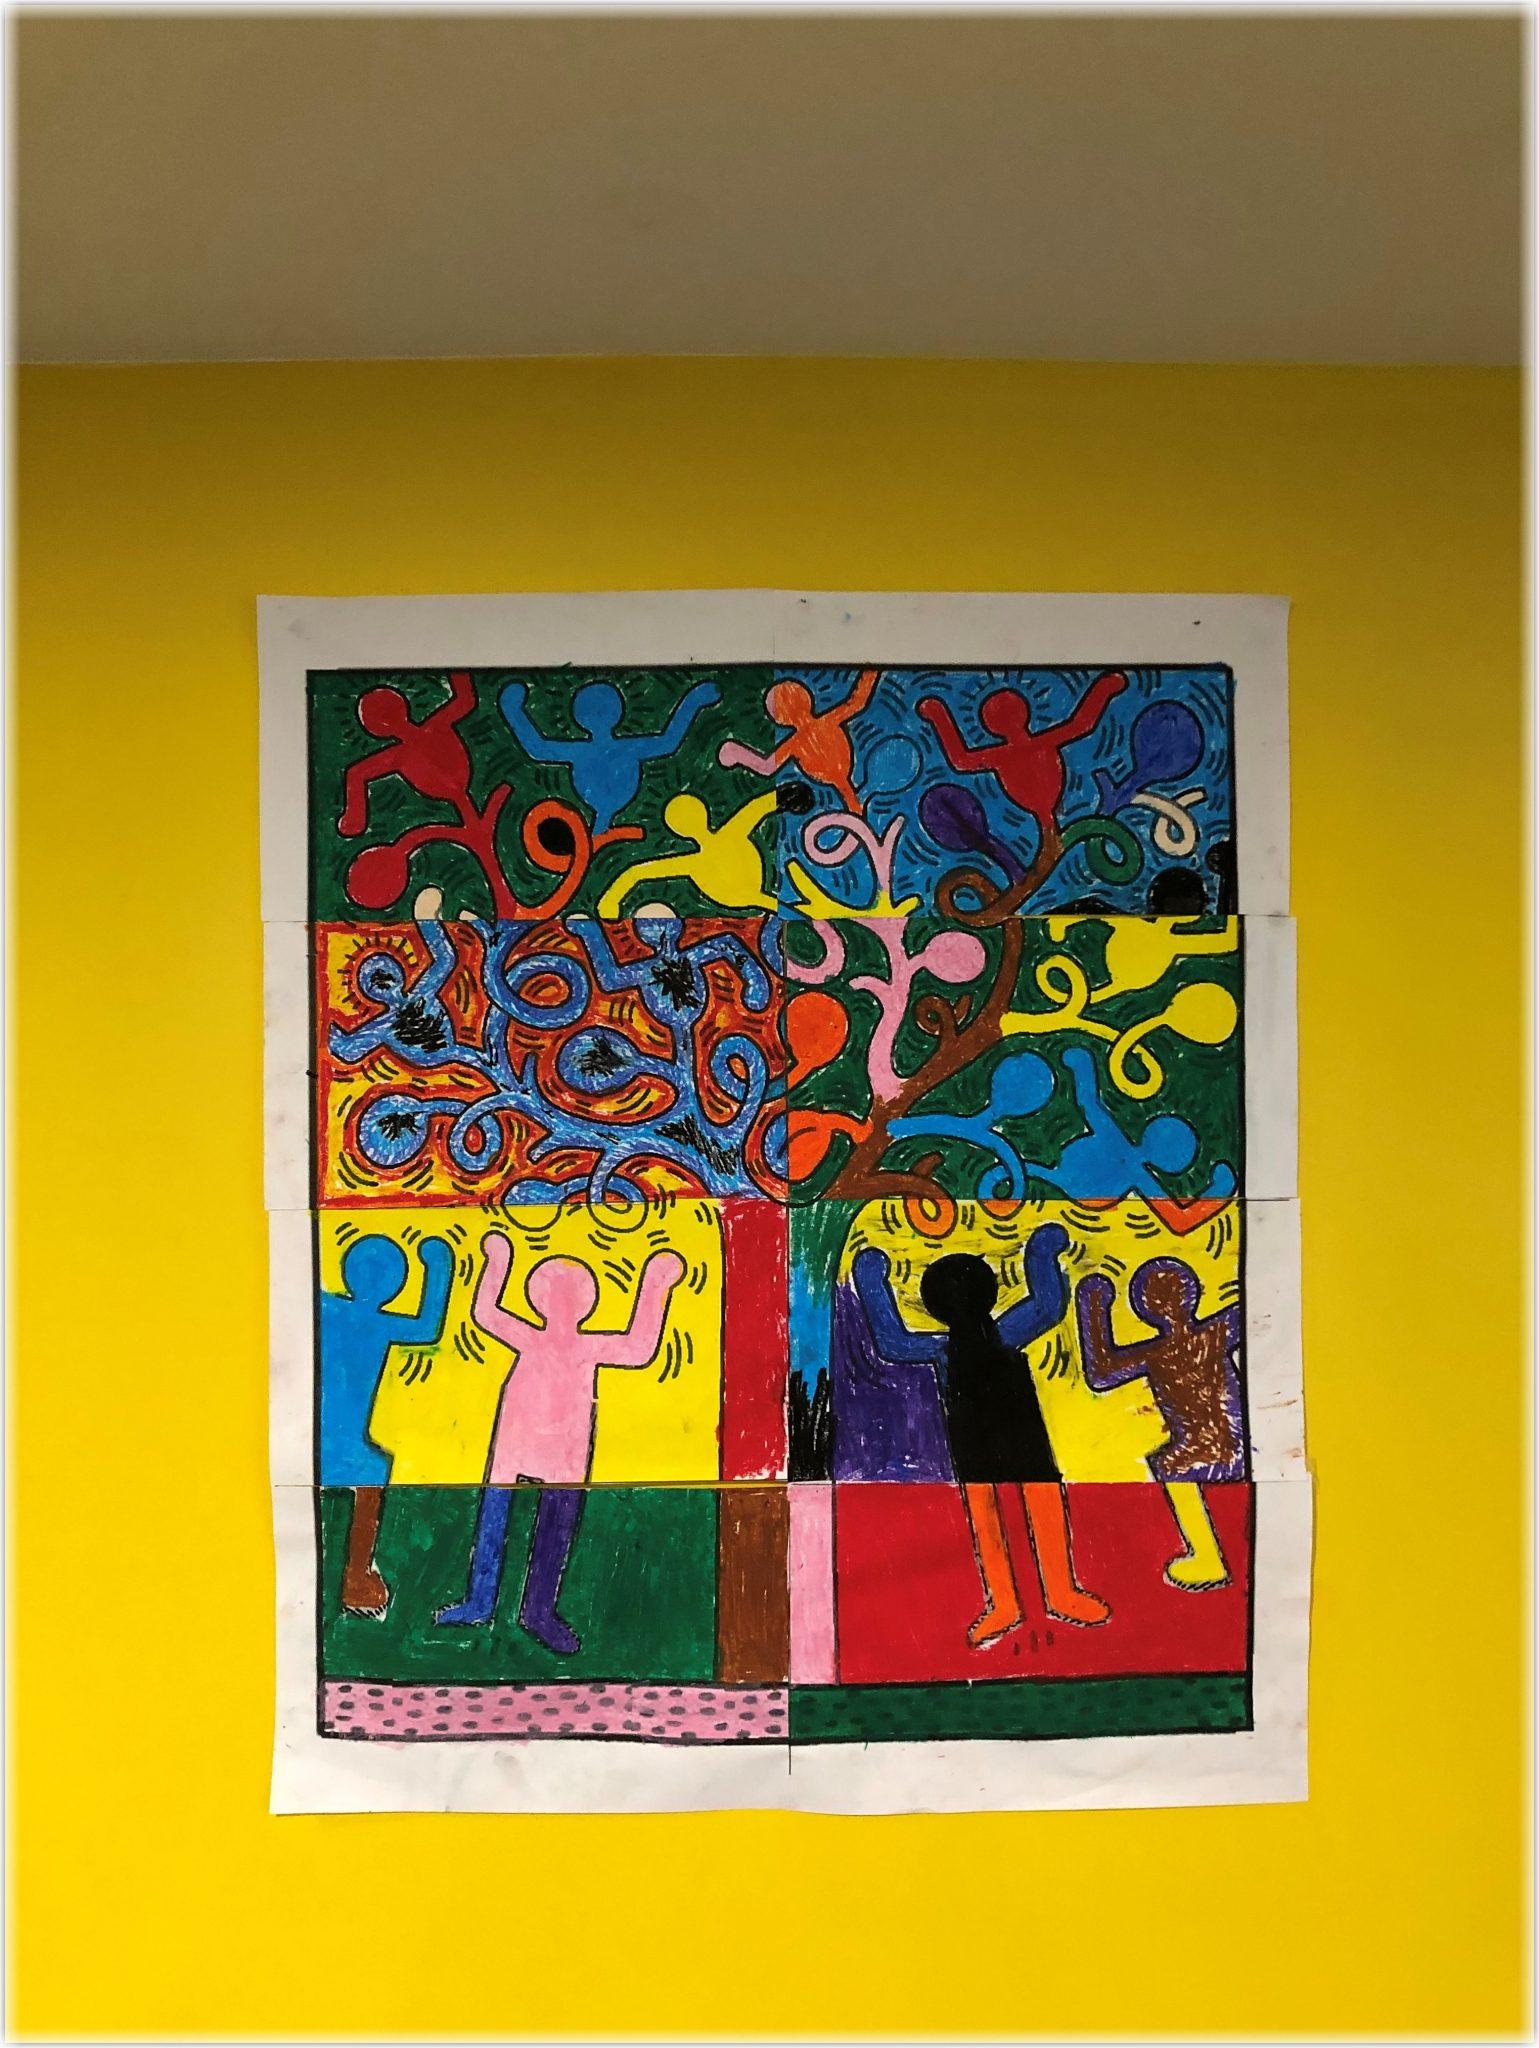 Arbre de Keith Haring